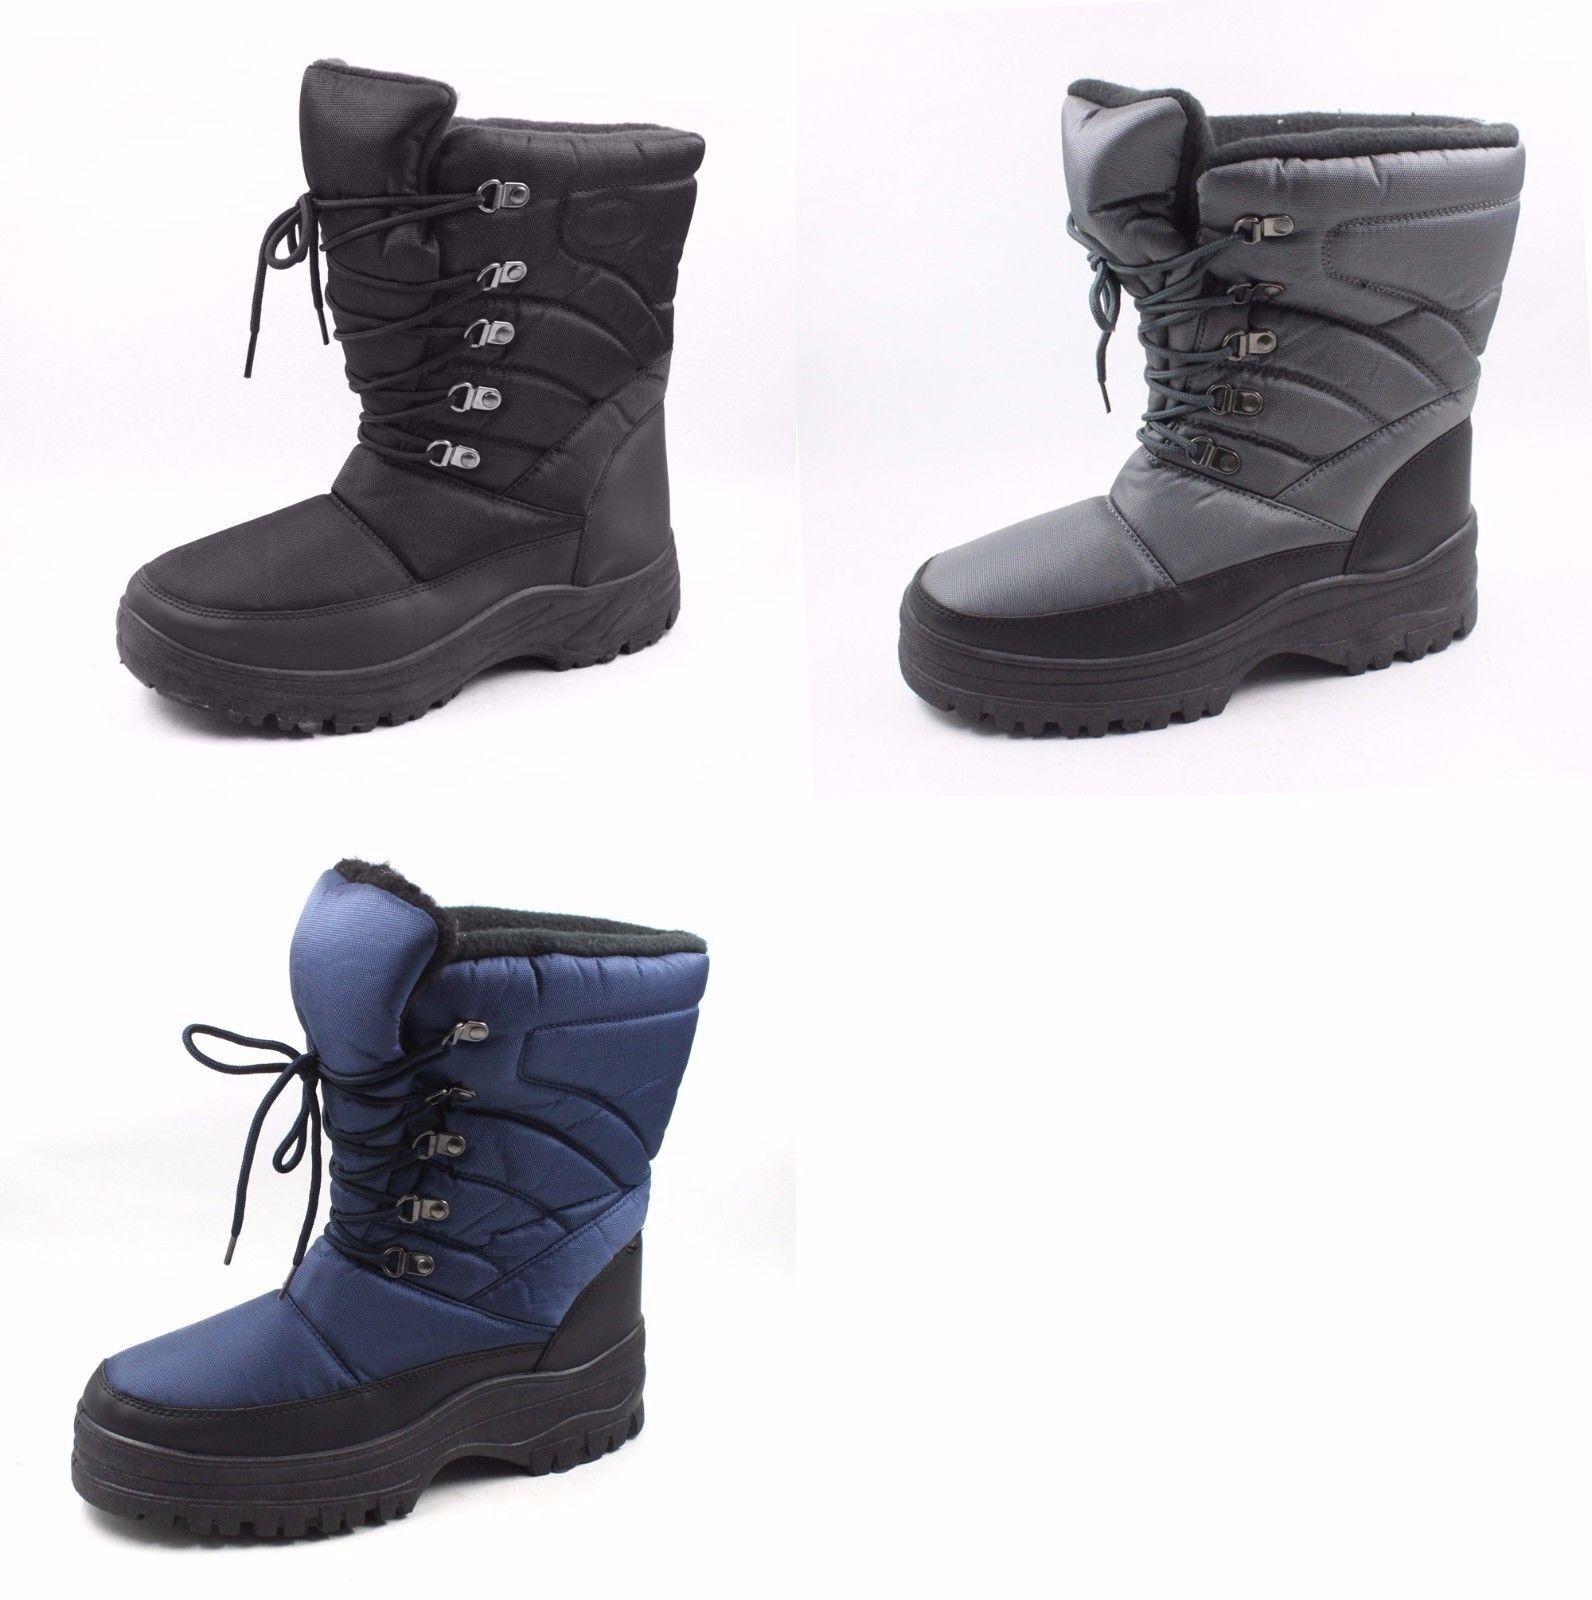 Herren Schnee Stiefel Skadoo Warm Winter Schwarz Marineblau Grau Größe 7-13-